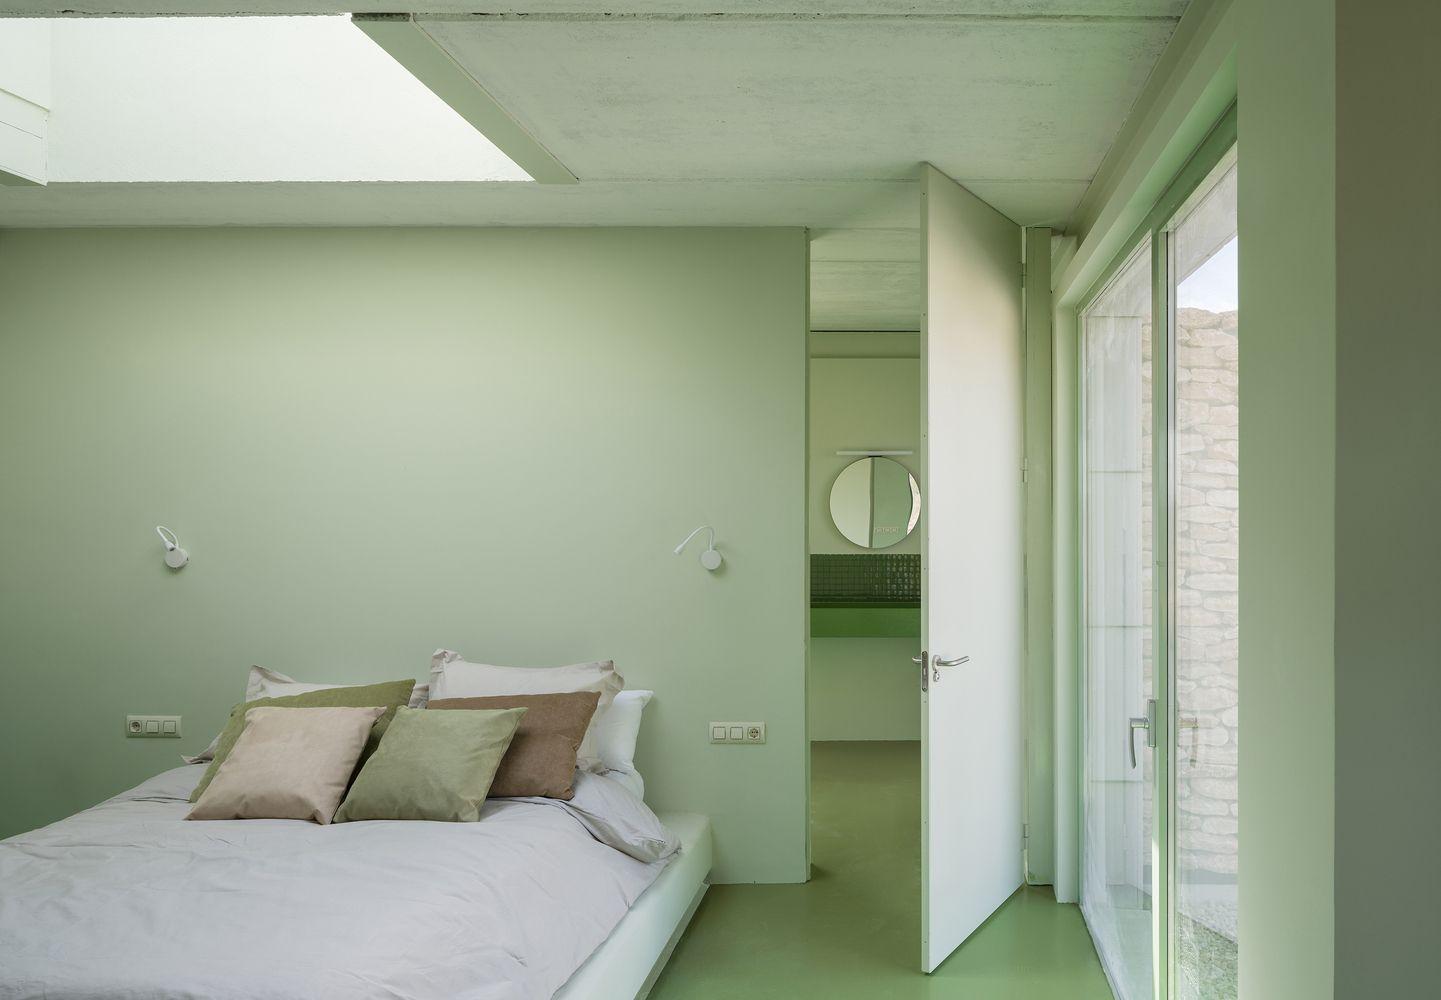 Complejo rural hotelero,© Imagen Subliminal